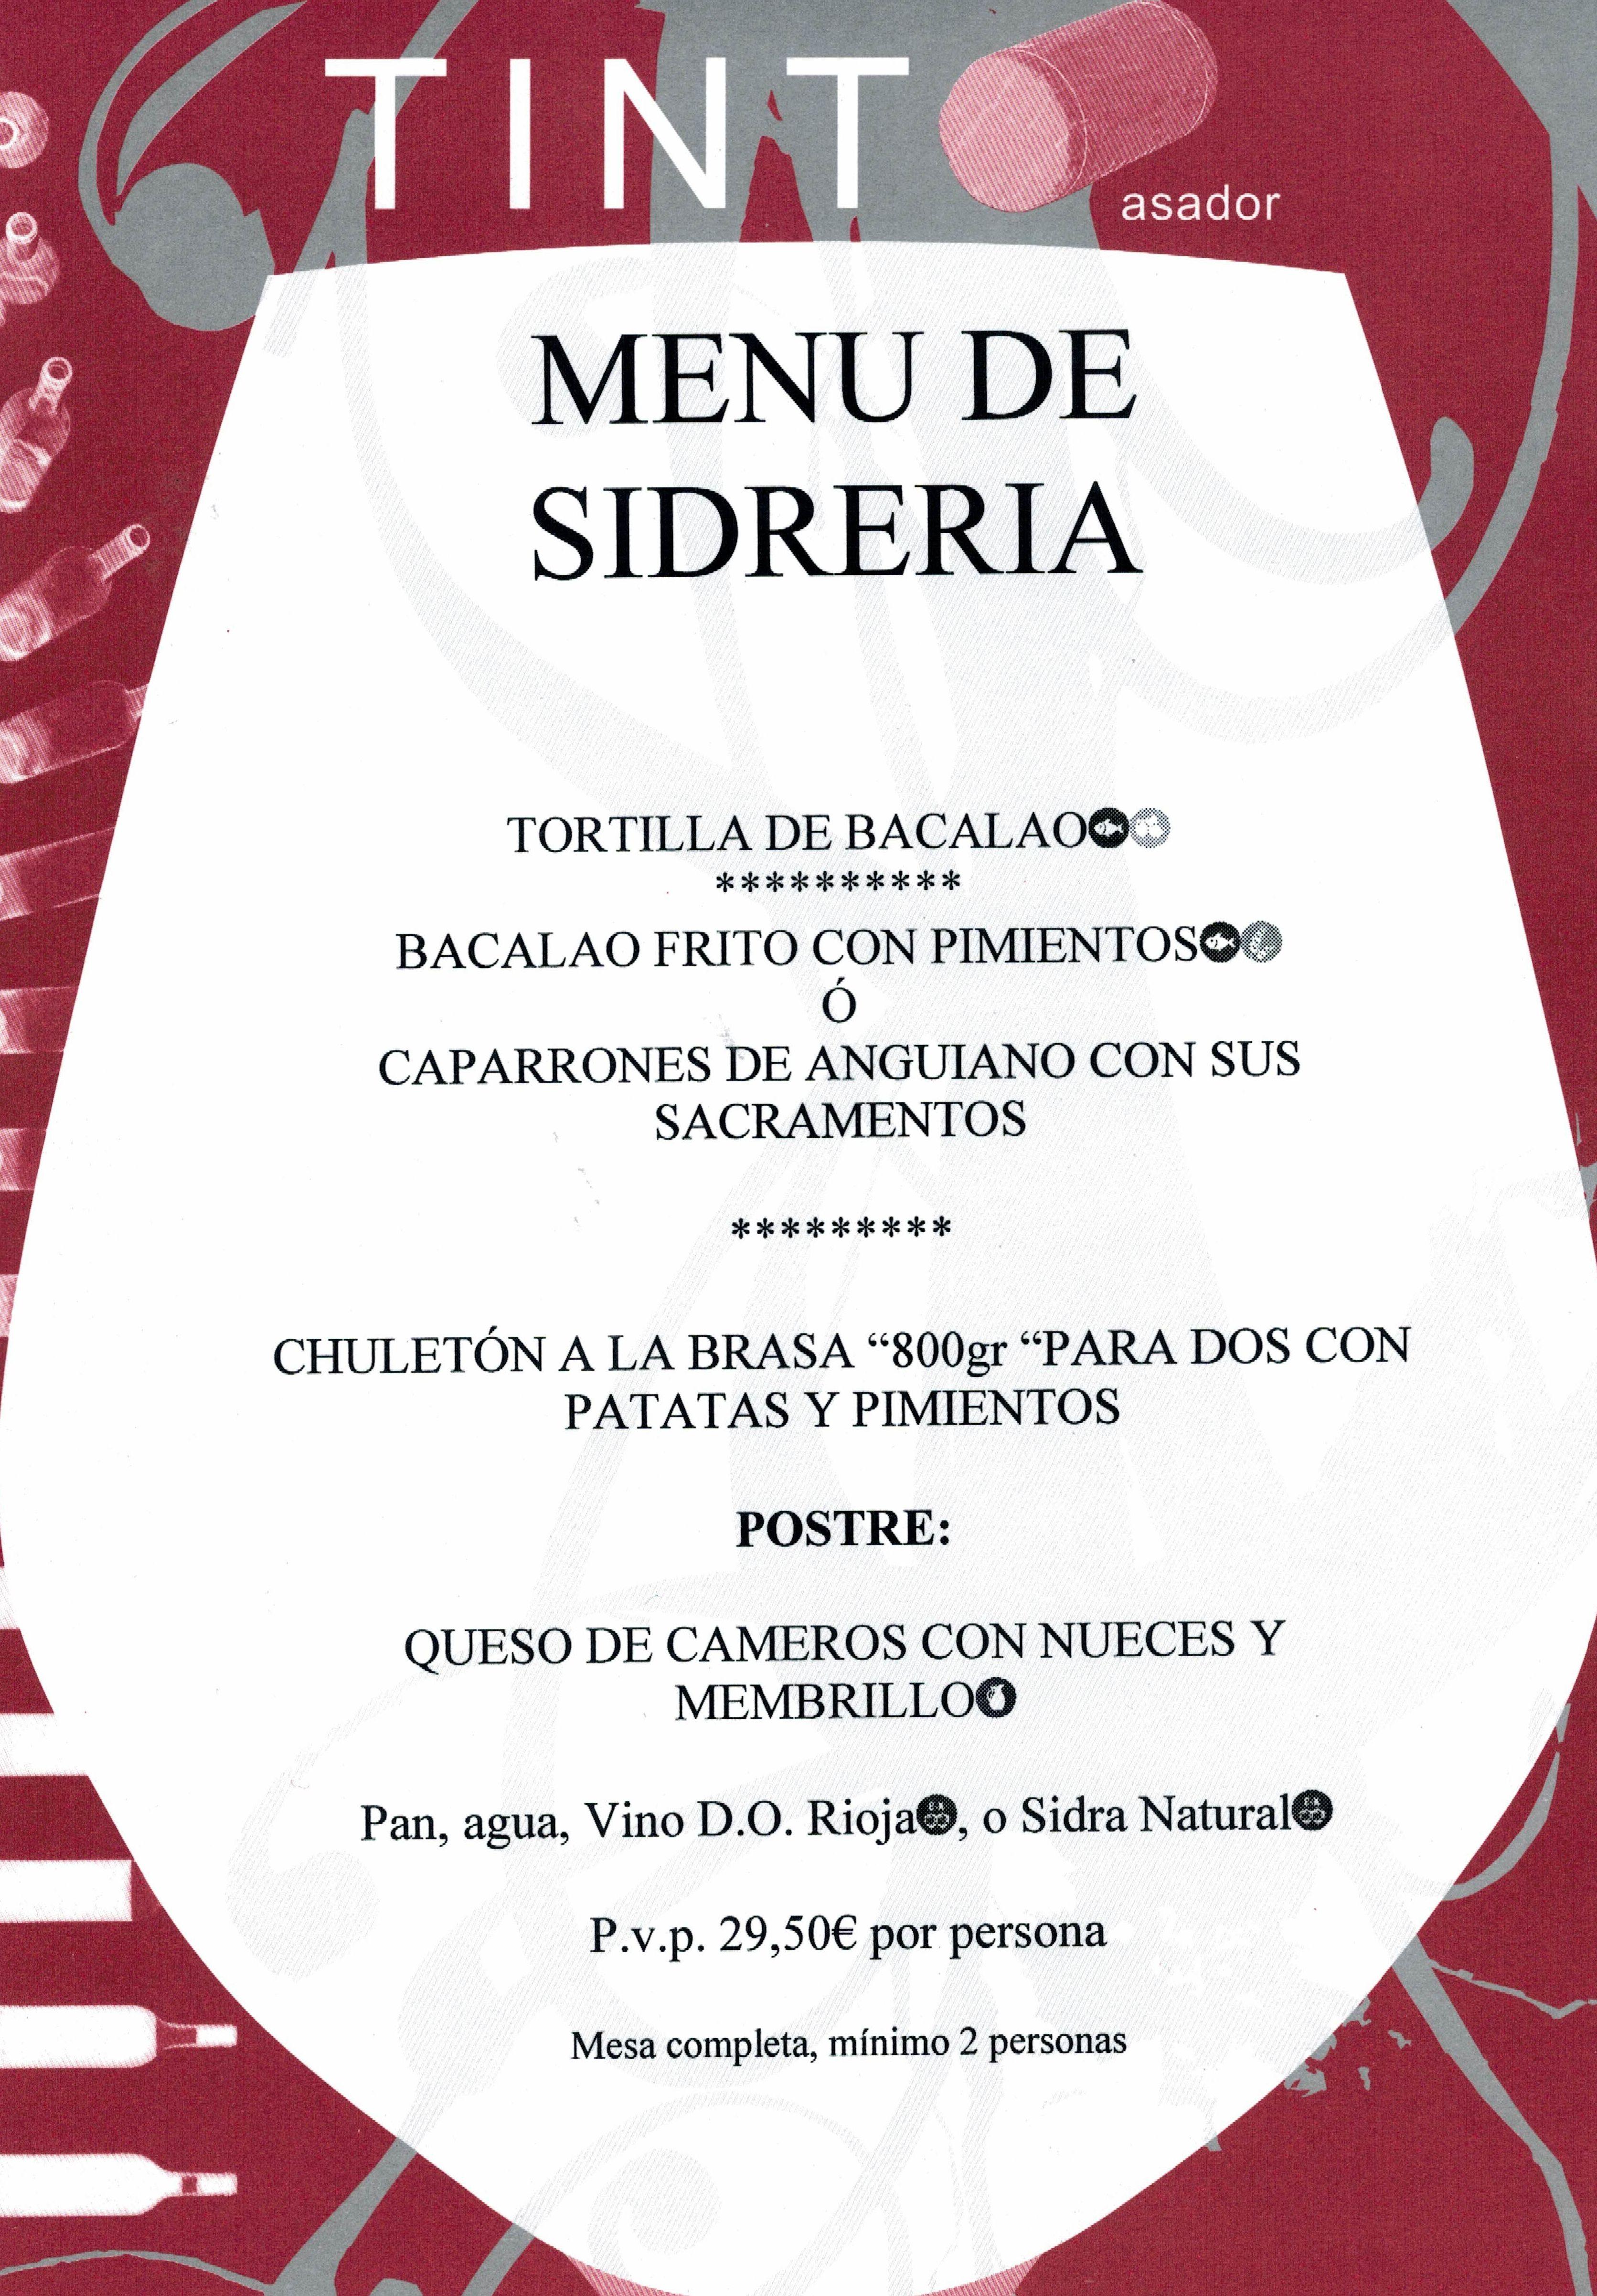 MENU DE SIDRERIA